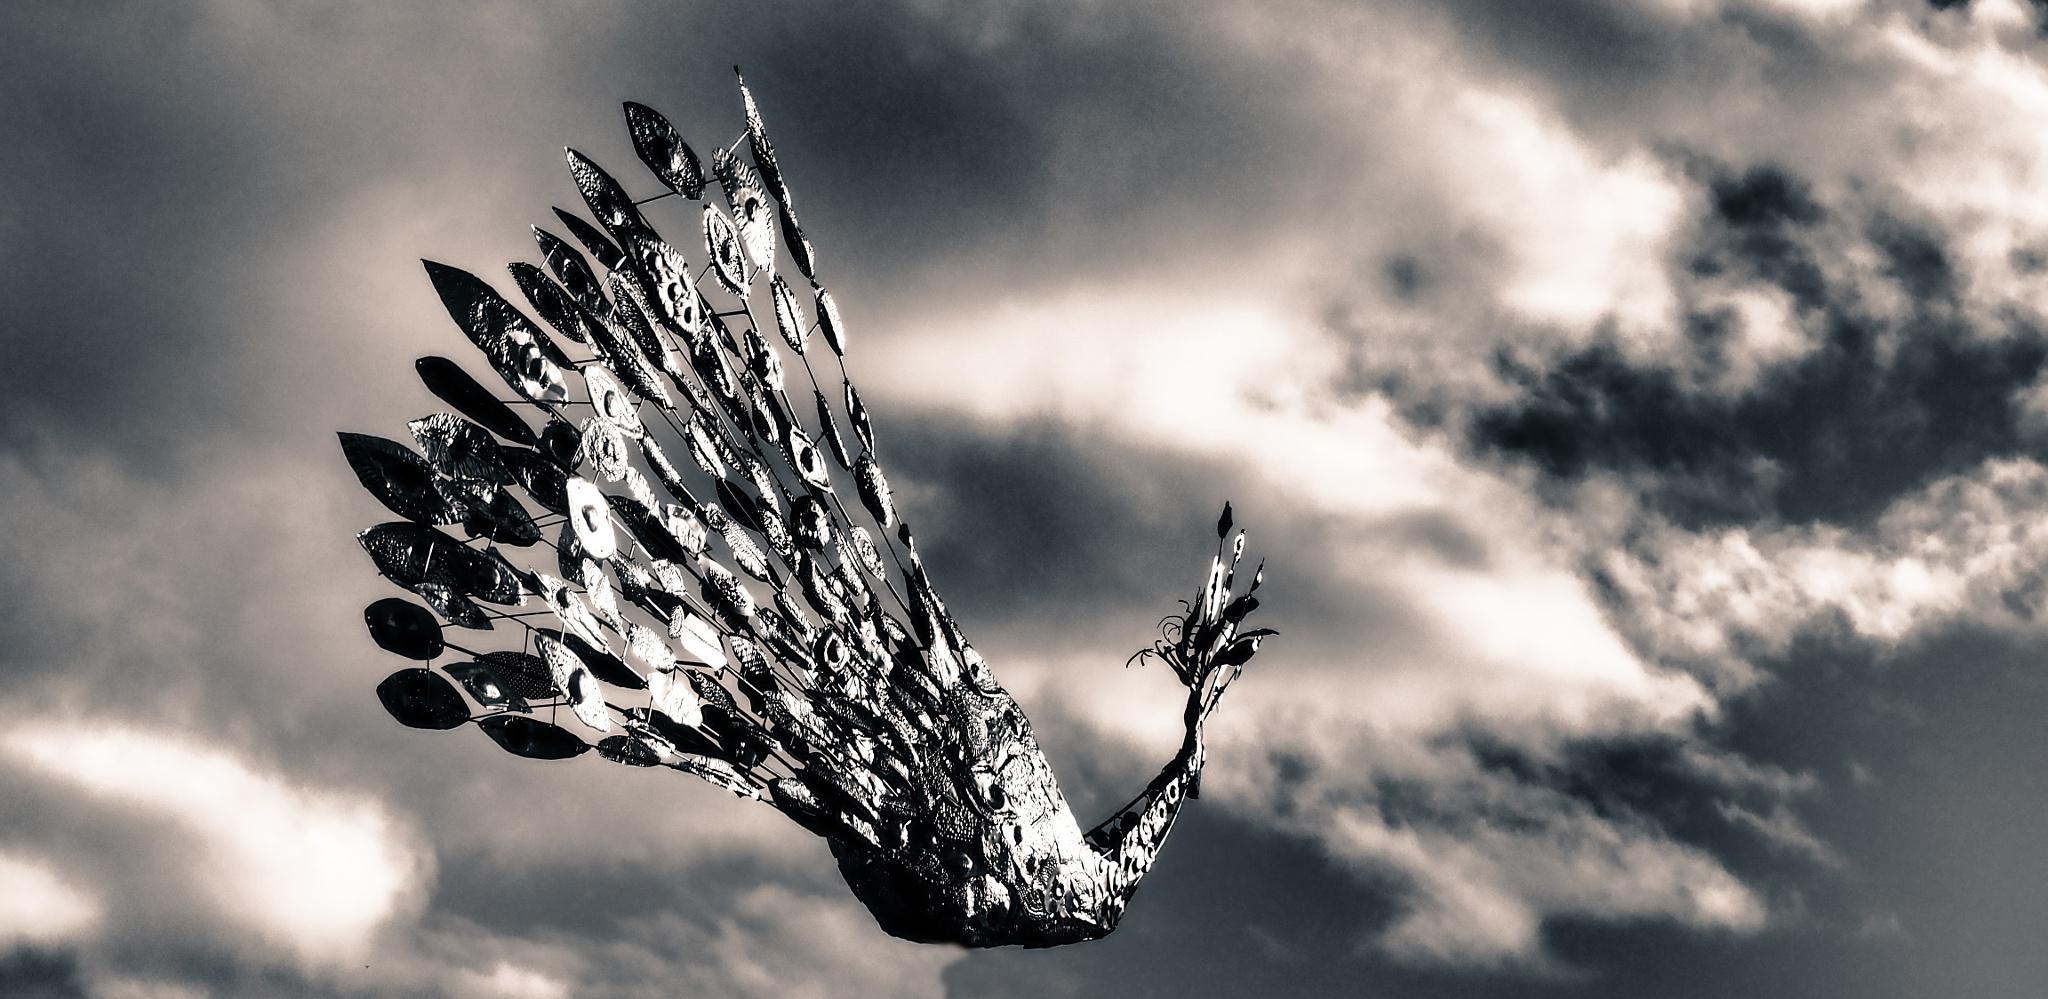 Berlin Steel Phoenix Black & White by Jeans Brown Photography / Jens Schwarz